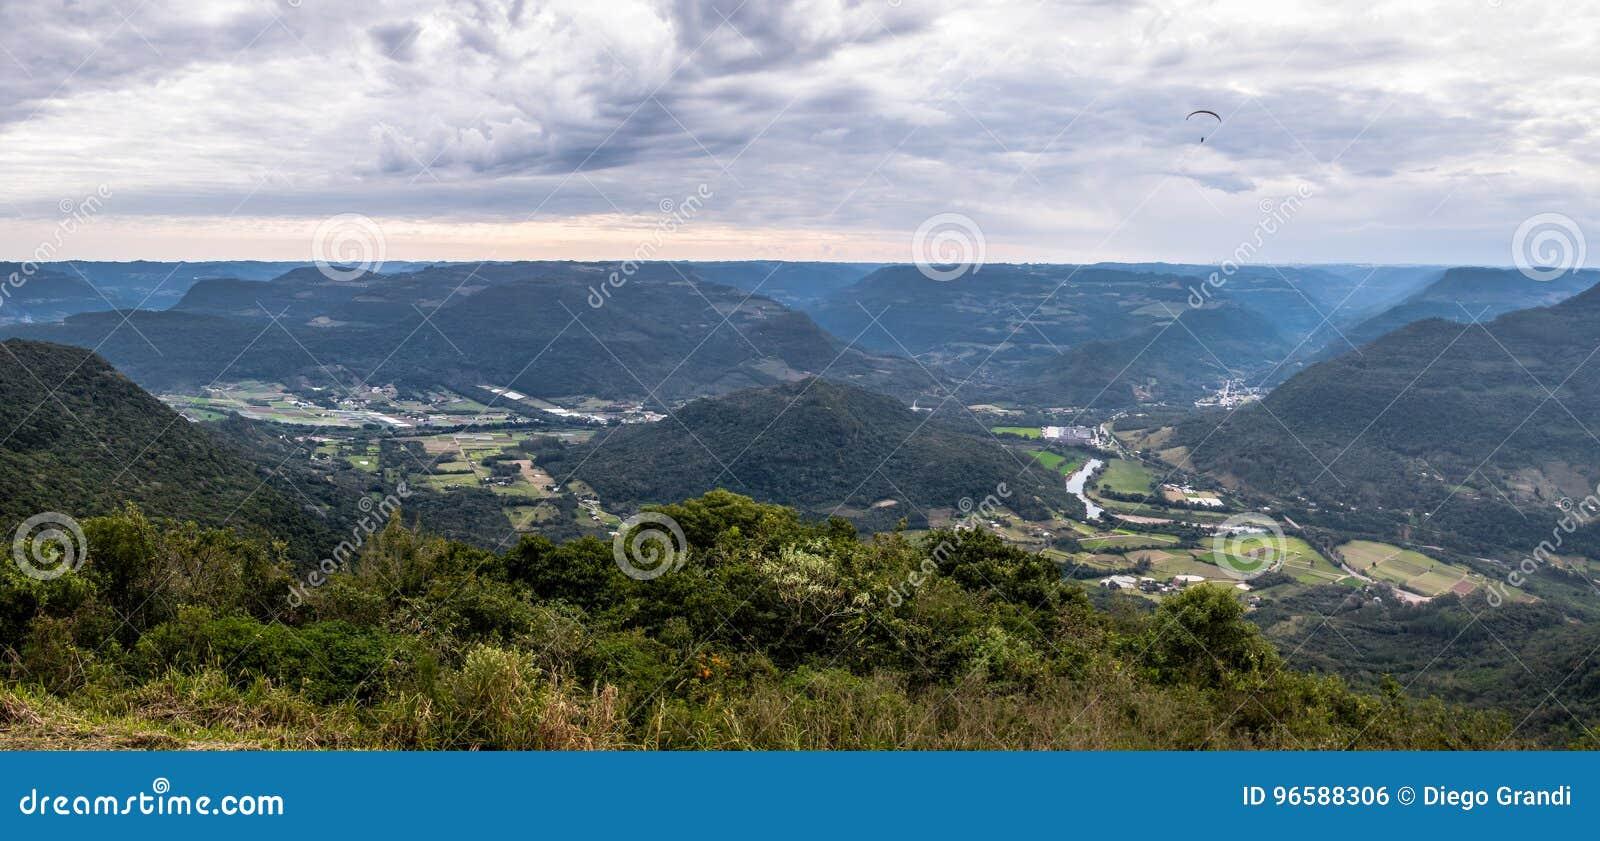 Panoramic View at Ninho das Aguias Eagle`s Nest in Nova Petropolis, Rio Grande do Sul, Brazil